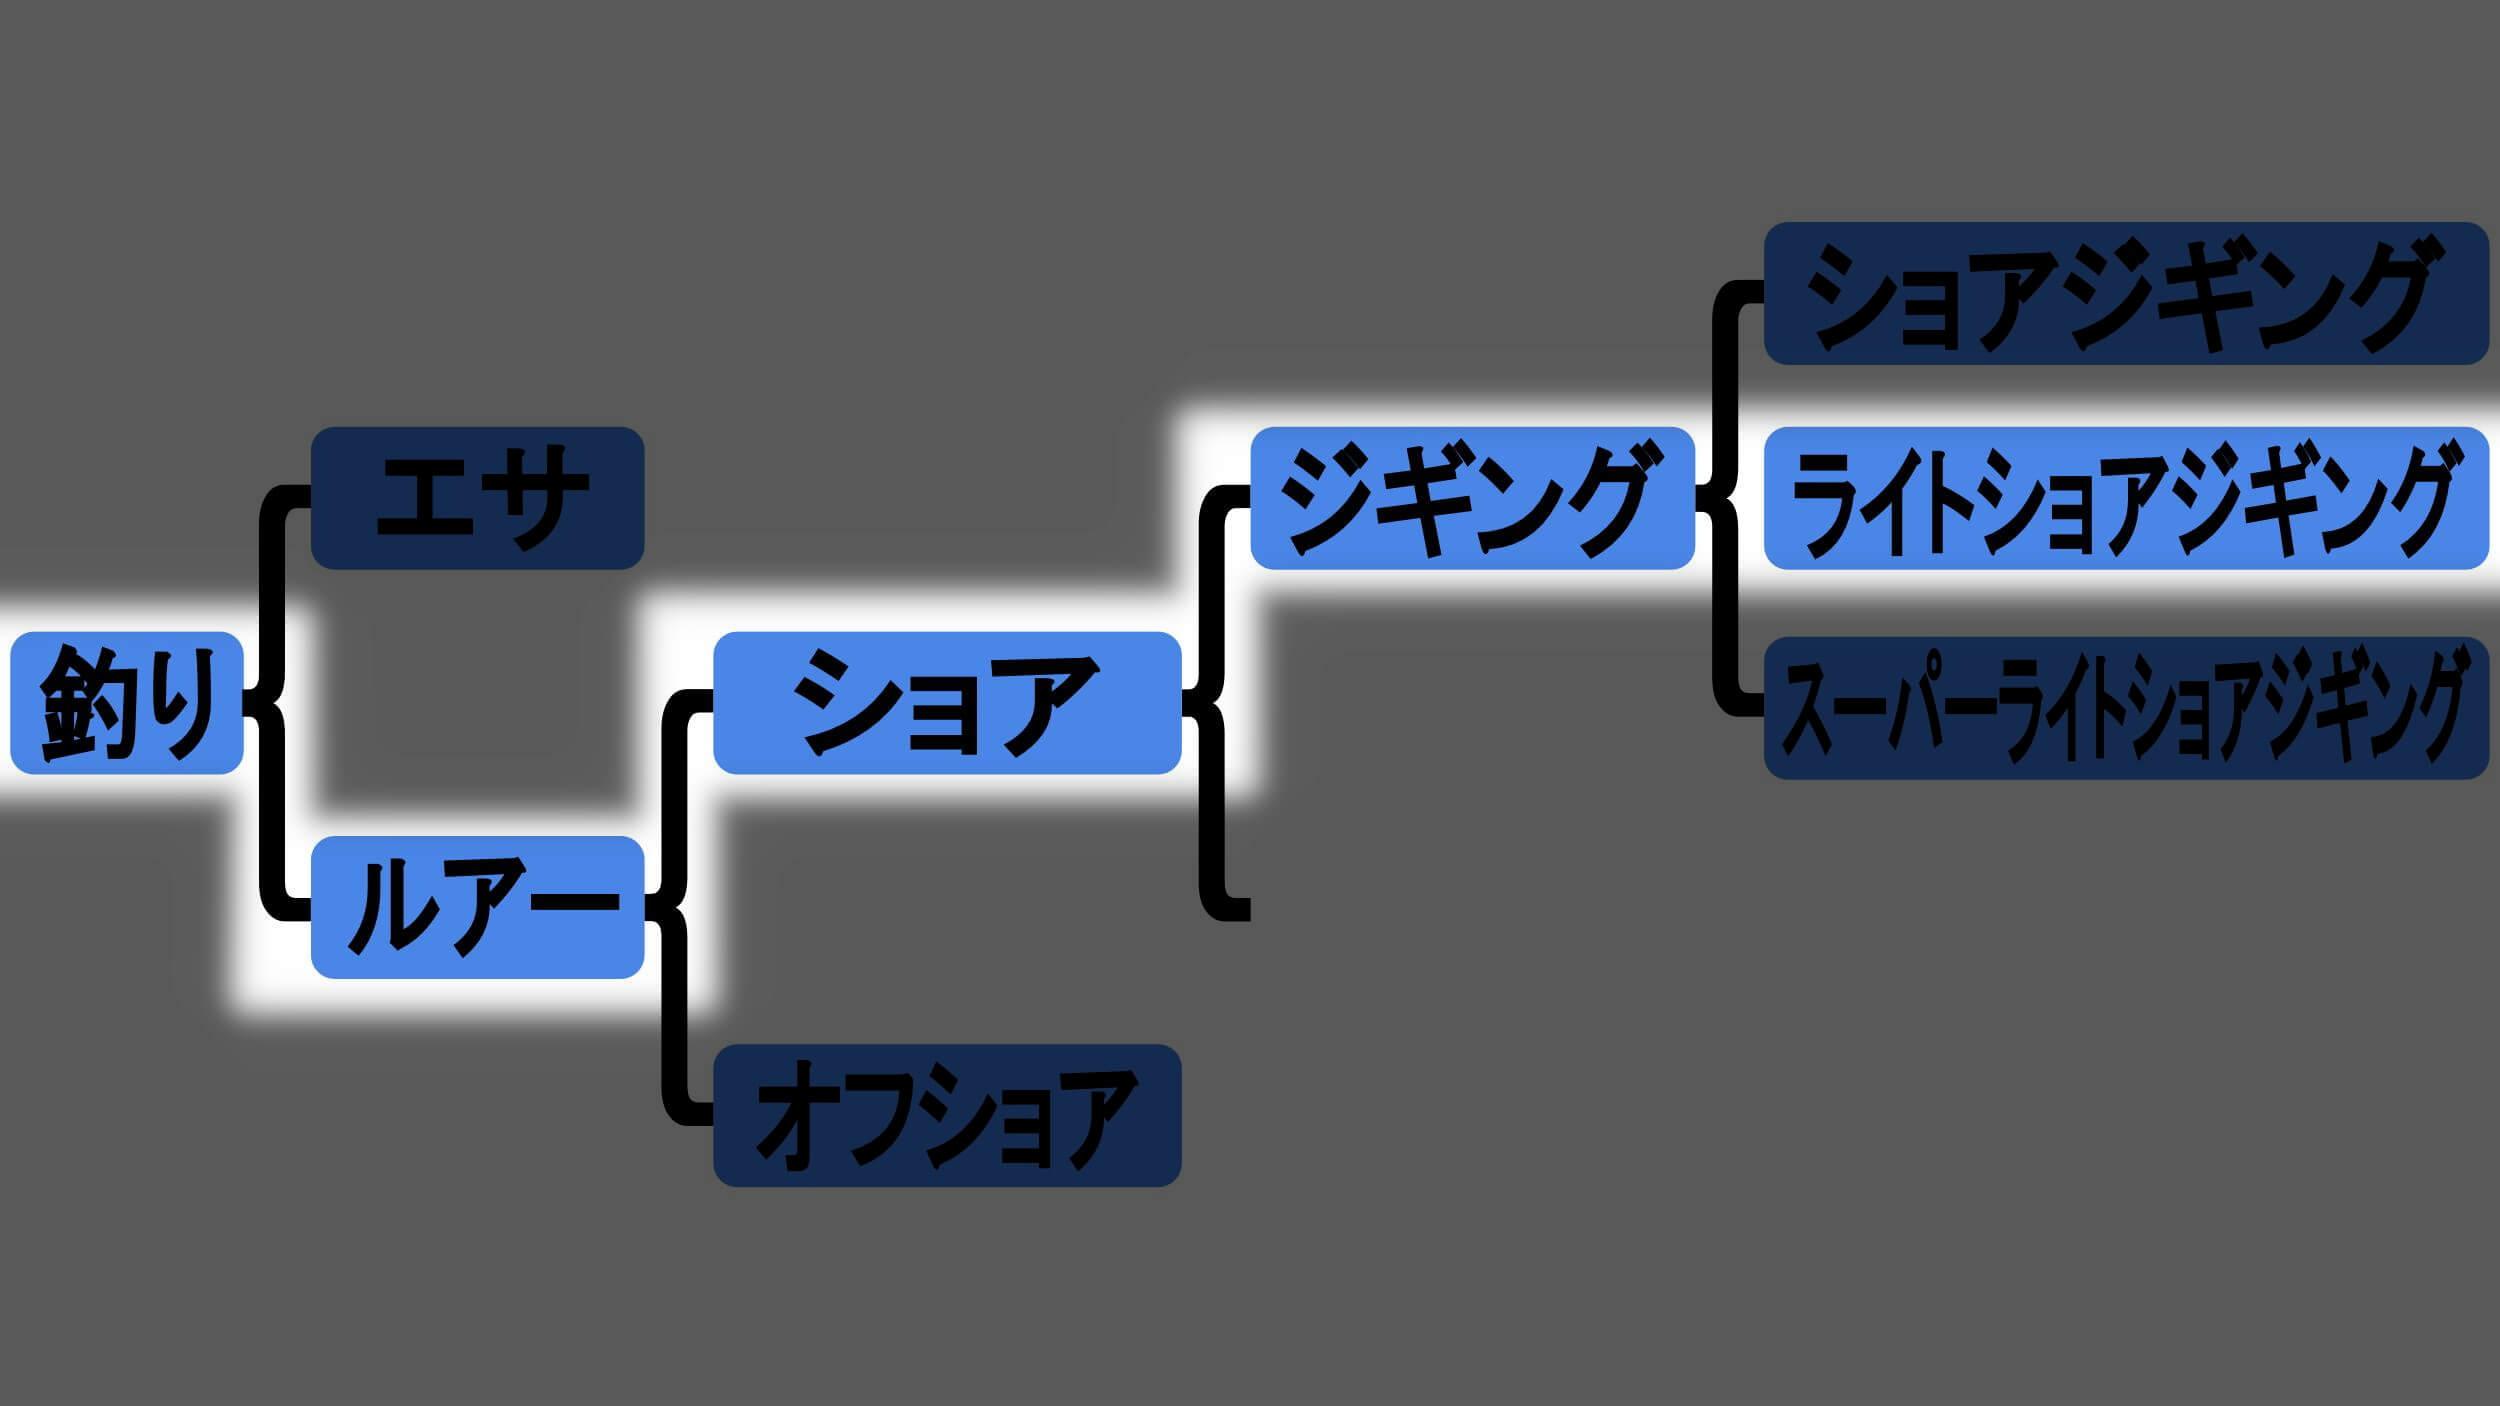 ライトショアジギングの図解da